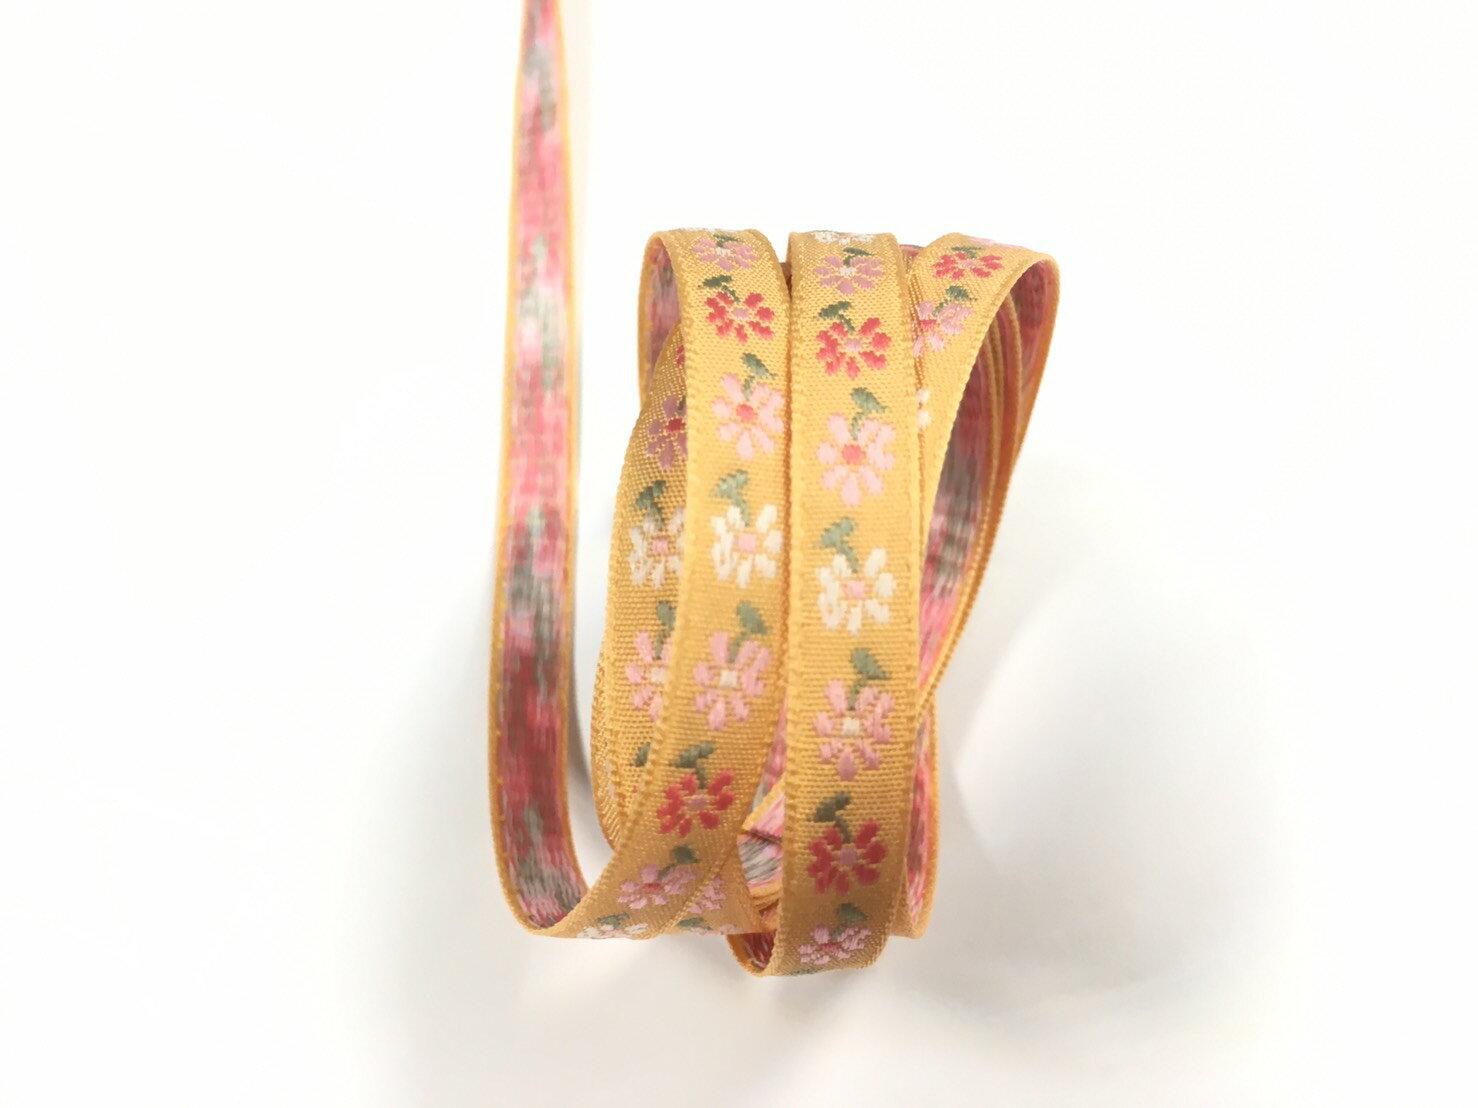 五瓣緹花緞帶 9mm 3碼 (7色) 5